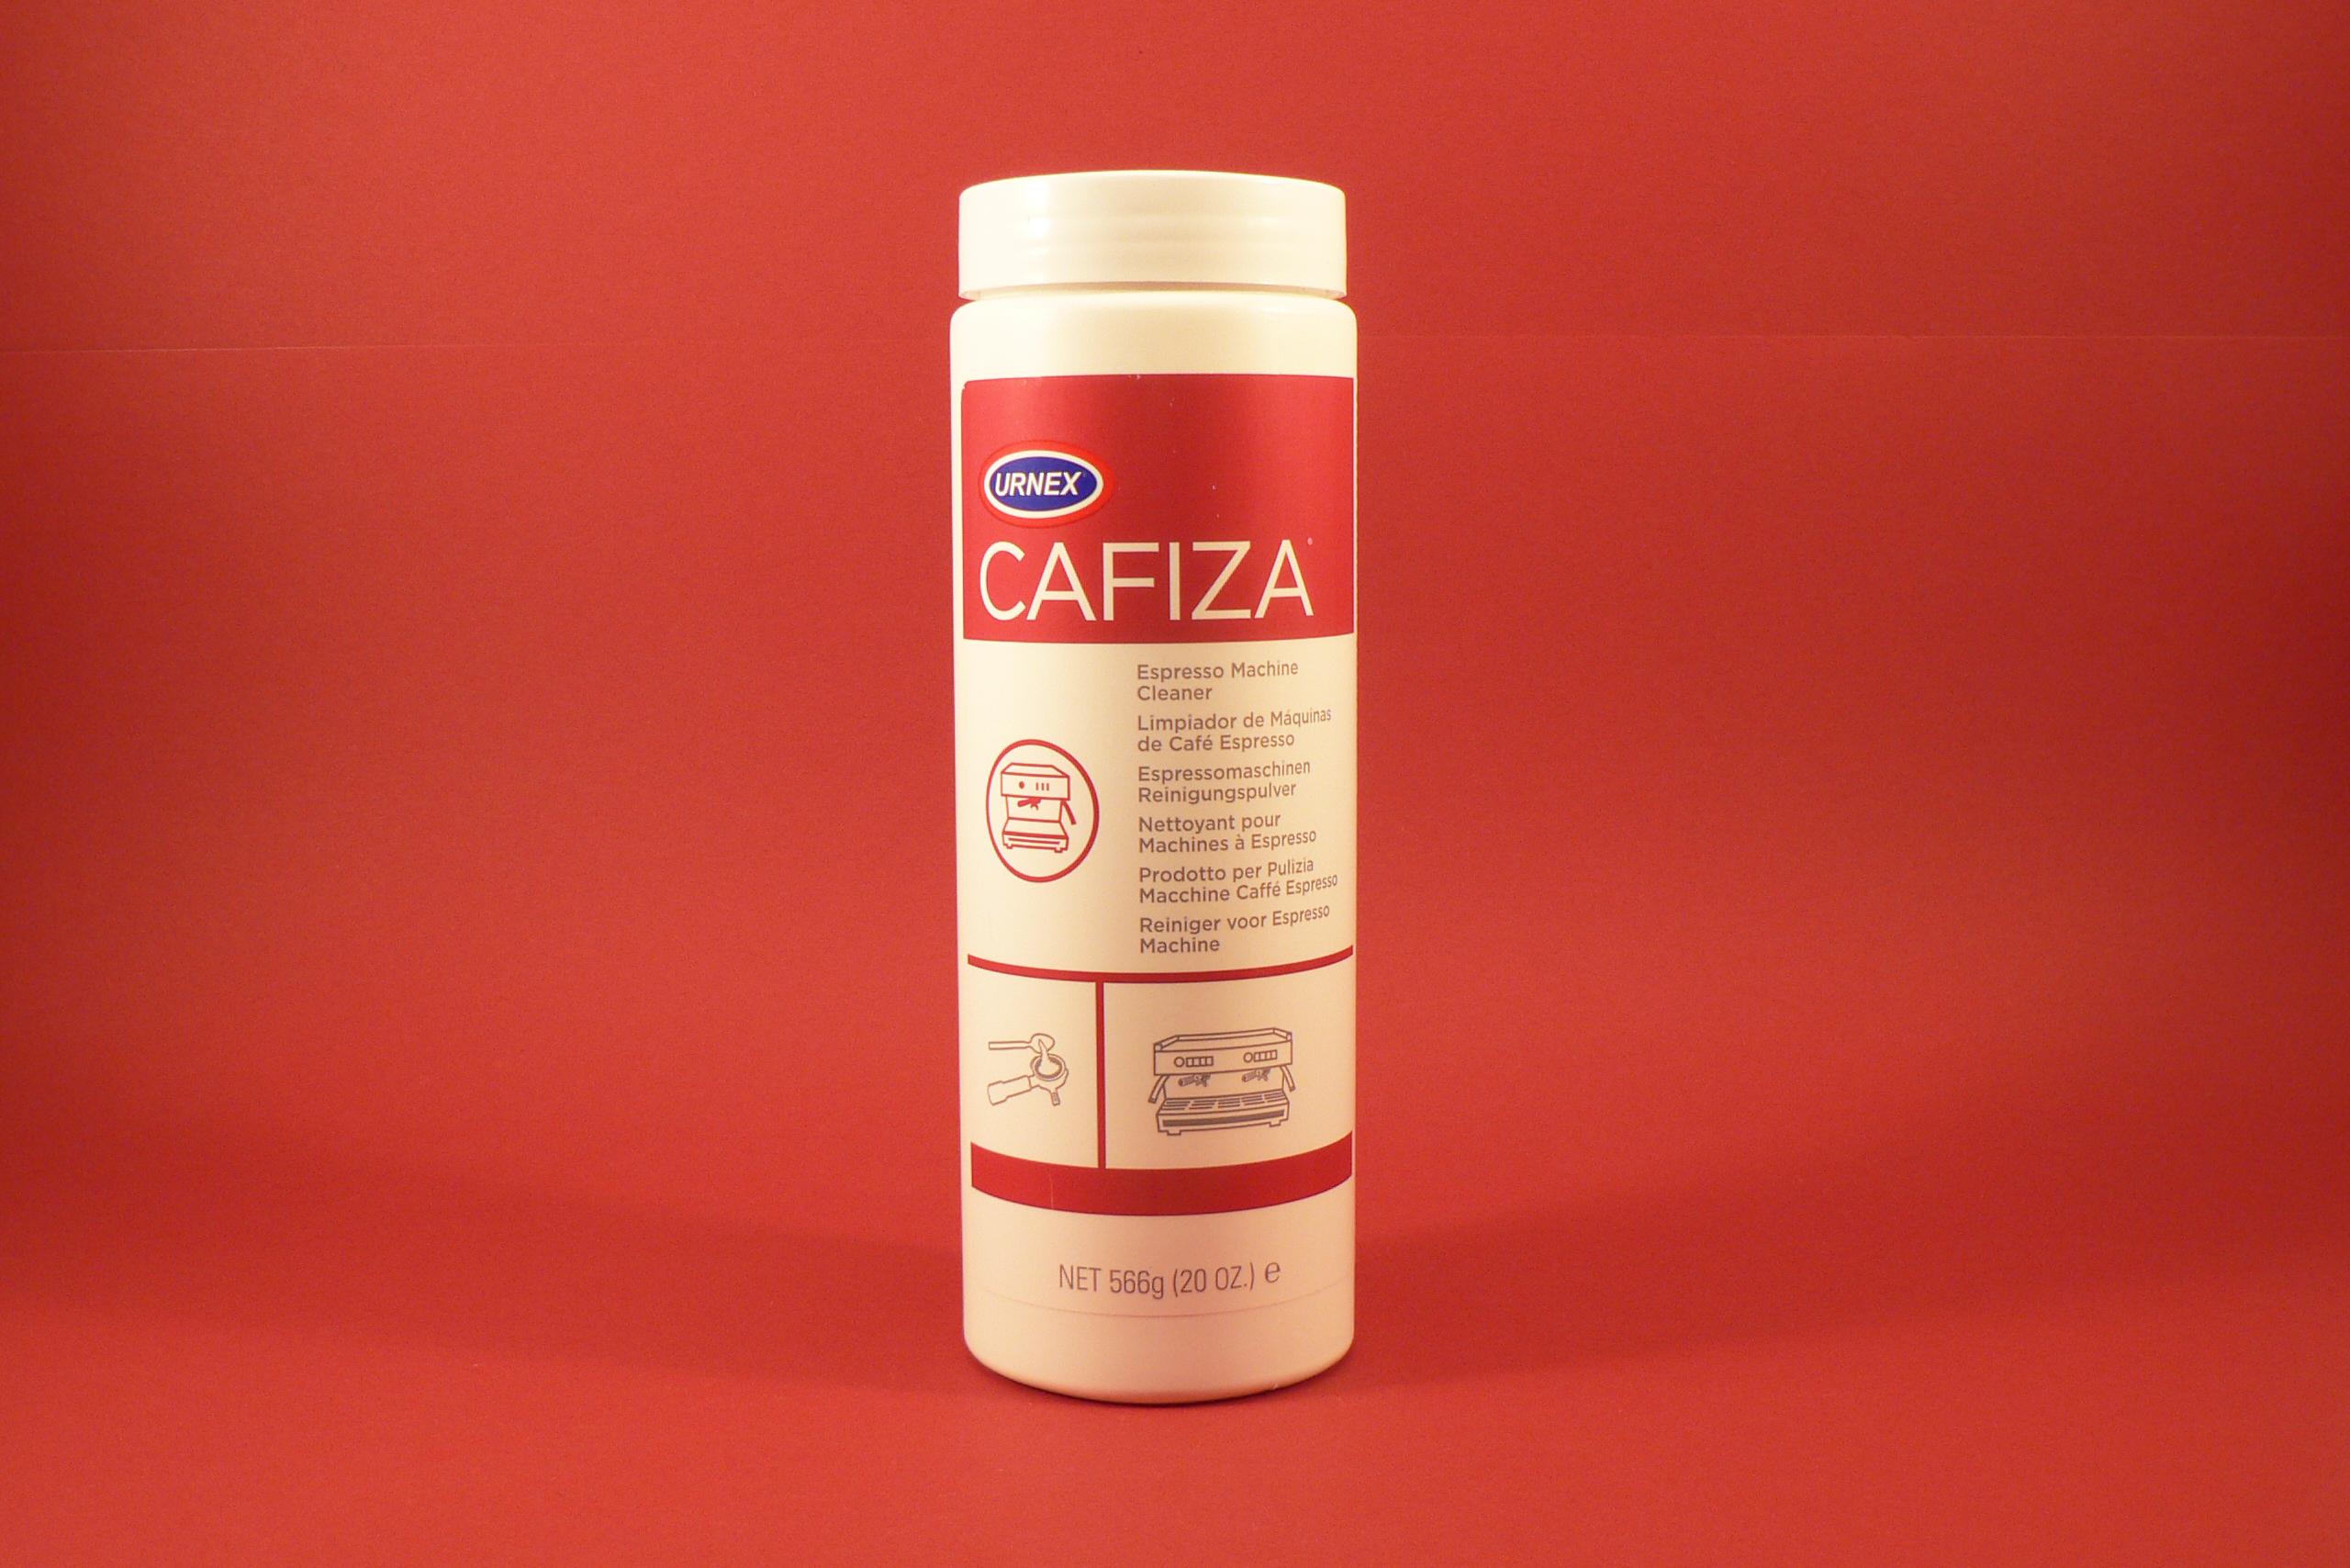 Urnex Cafiza - prášek 566g Prášek na čištění pákových kávovarů 566g